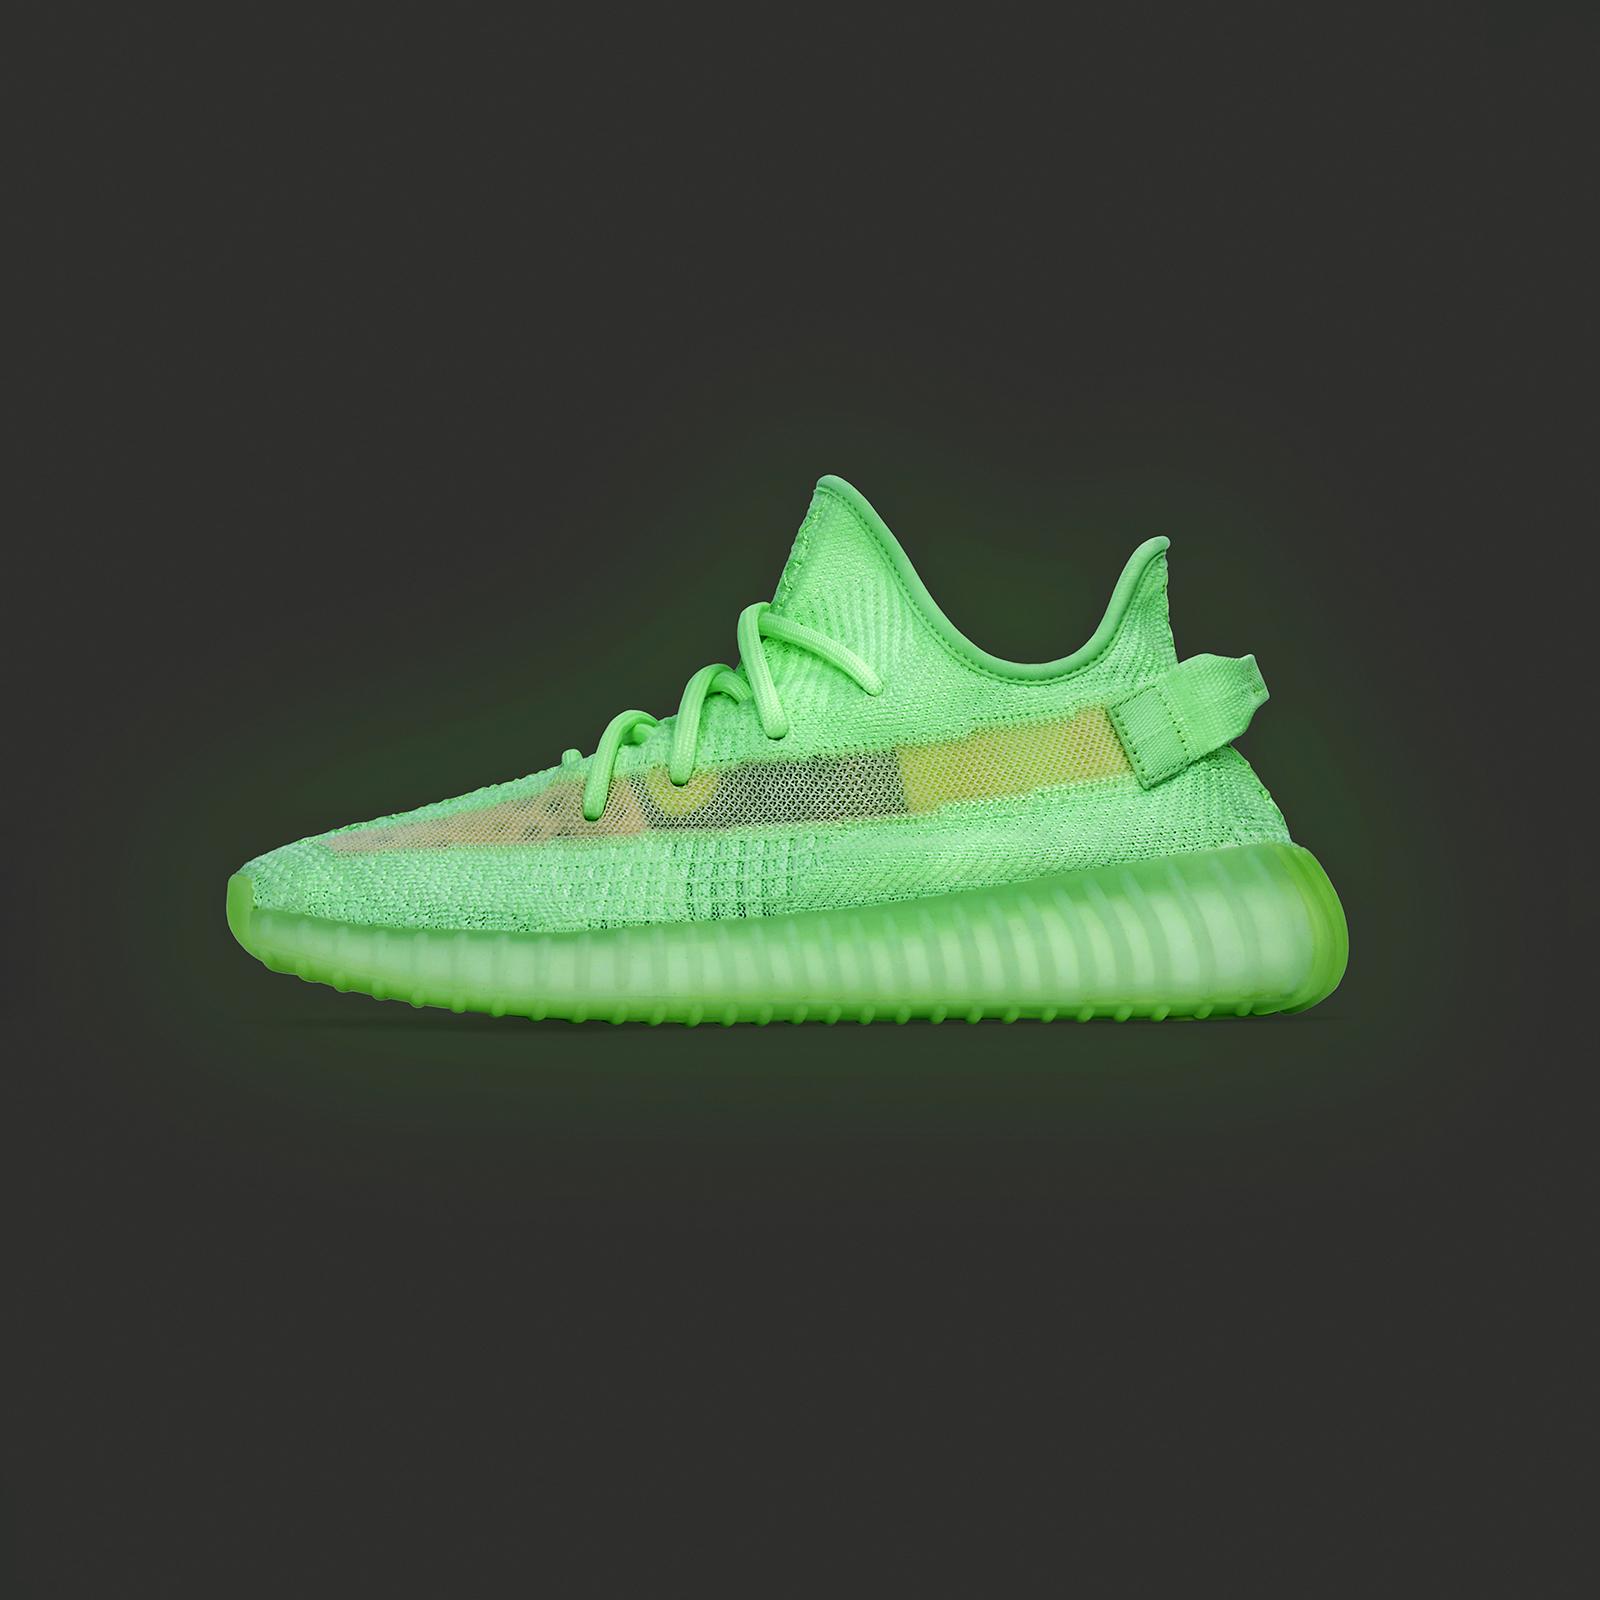 02-adidas-yeezy-boost-350-v2-glow-eg5293